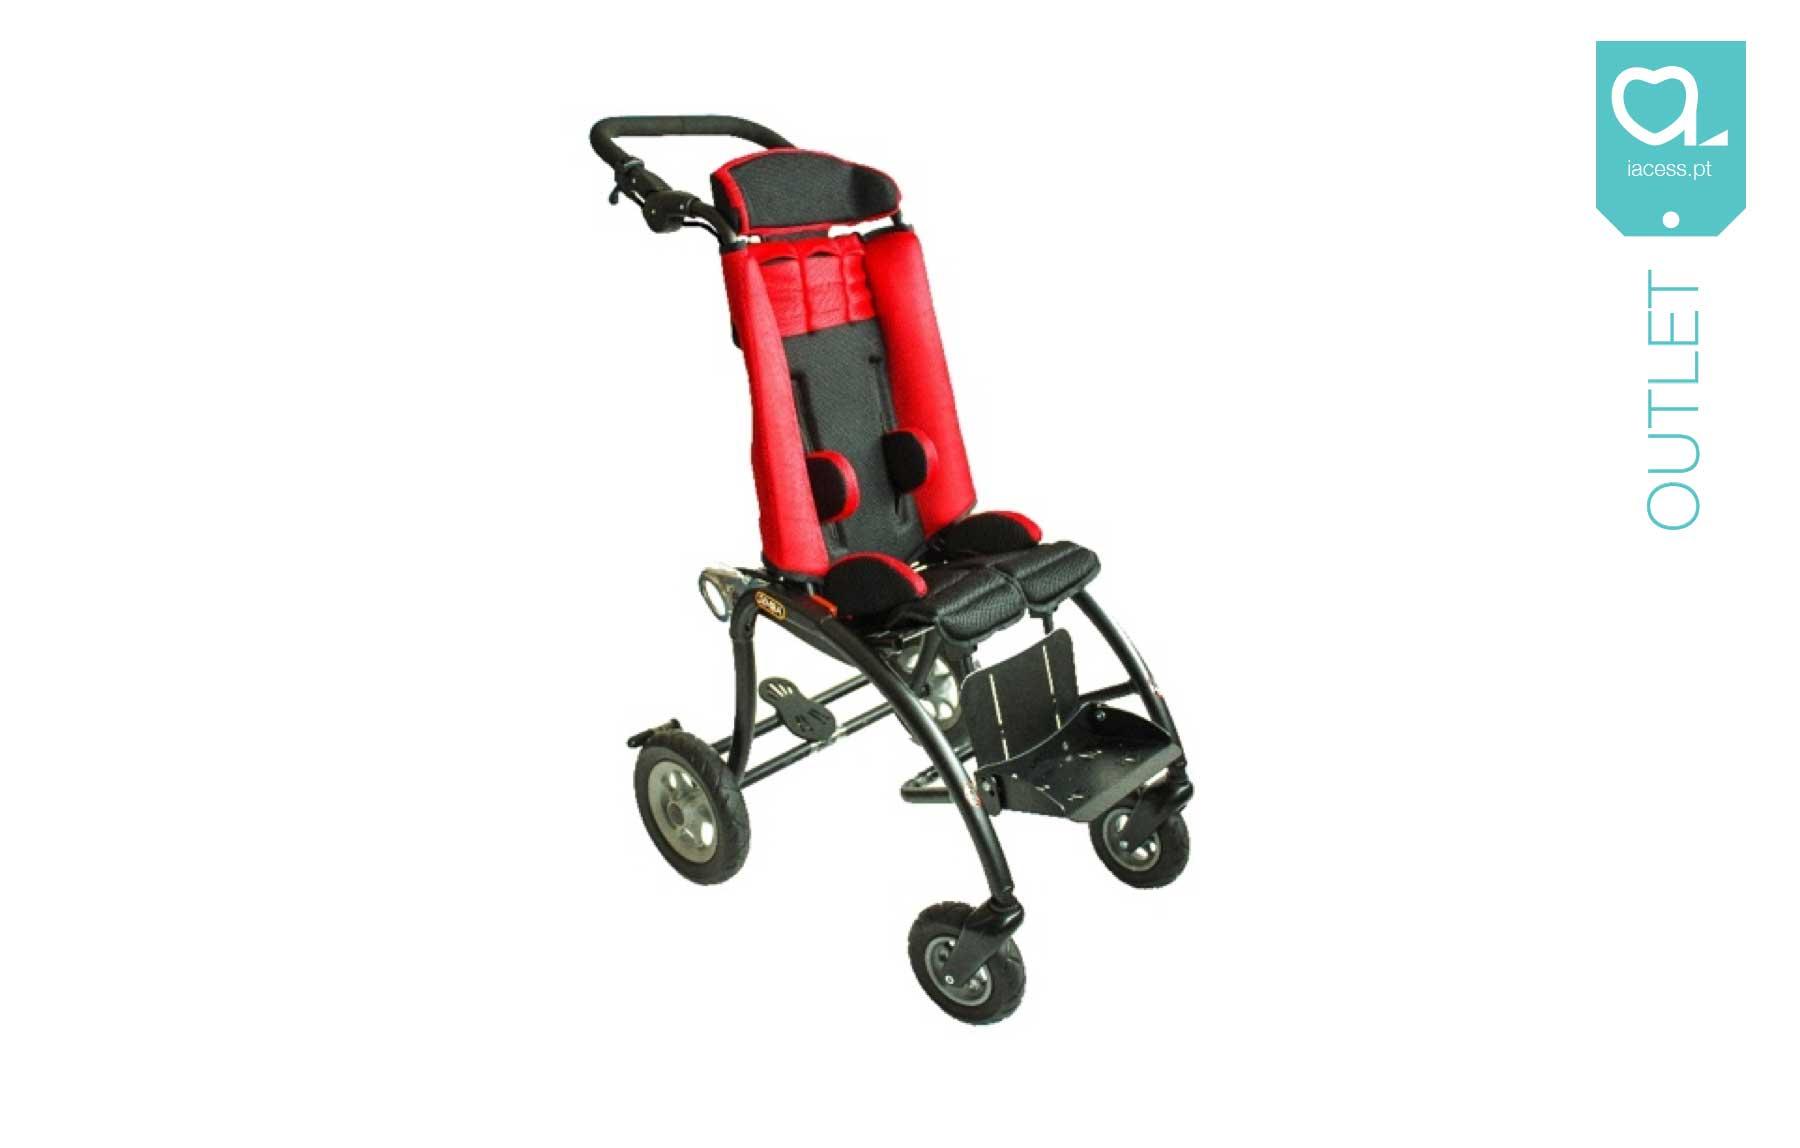 Cadeira pediátrica vermelha